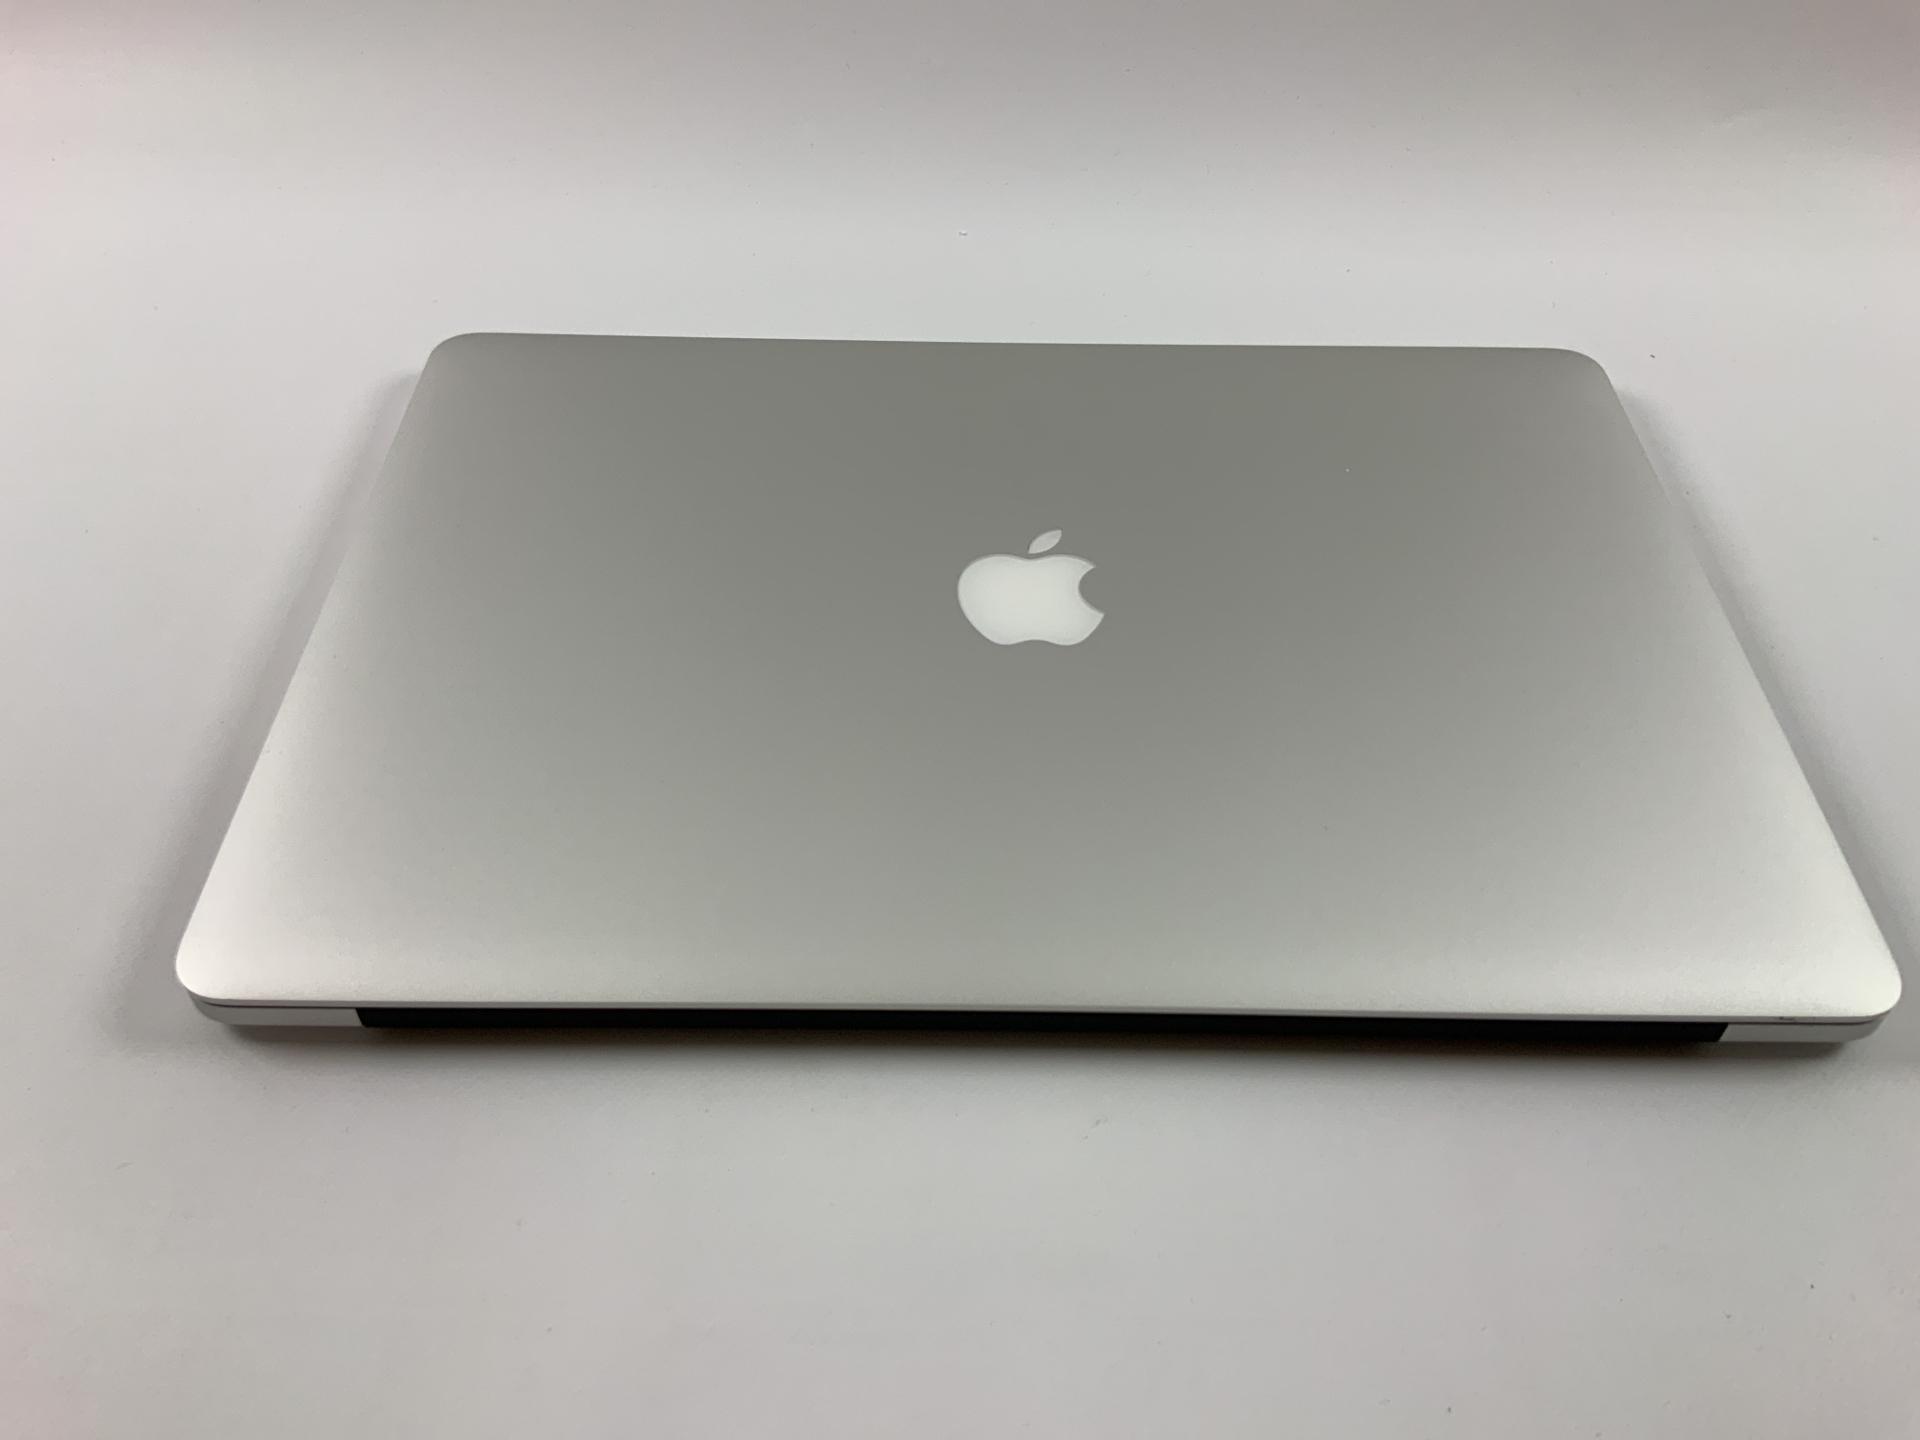 """MacBook Pro Retina 15"""" Mid 2015 (Intel Quad-Core i7 2.8 GHz 16 GB RAM 256 GB SSD), Intel Quad-Core i7 2.8 GHz, 16 GB RAM, 256 GB SSD, bild 2"""